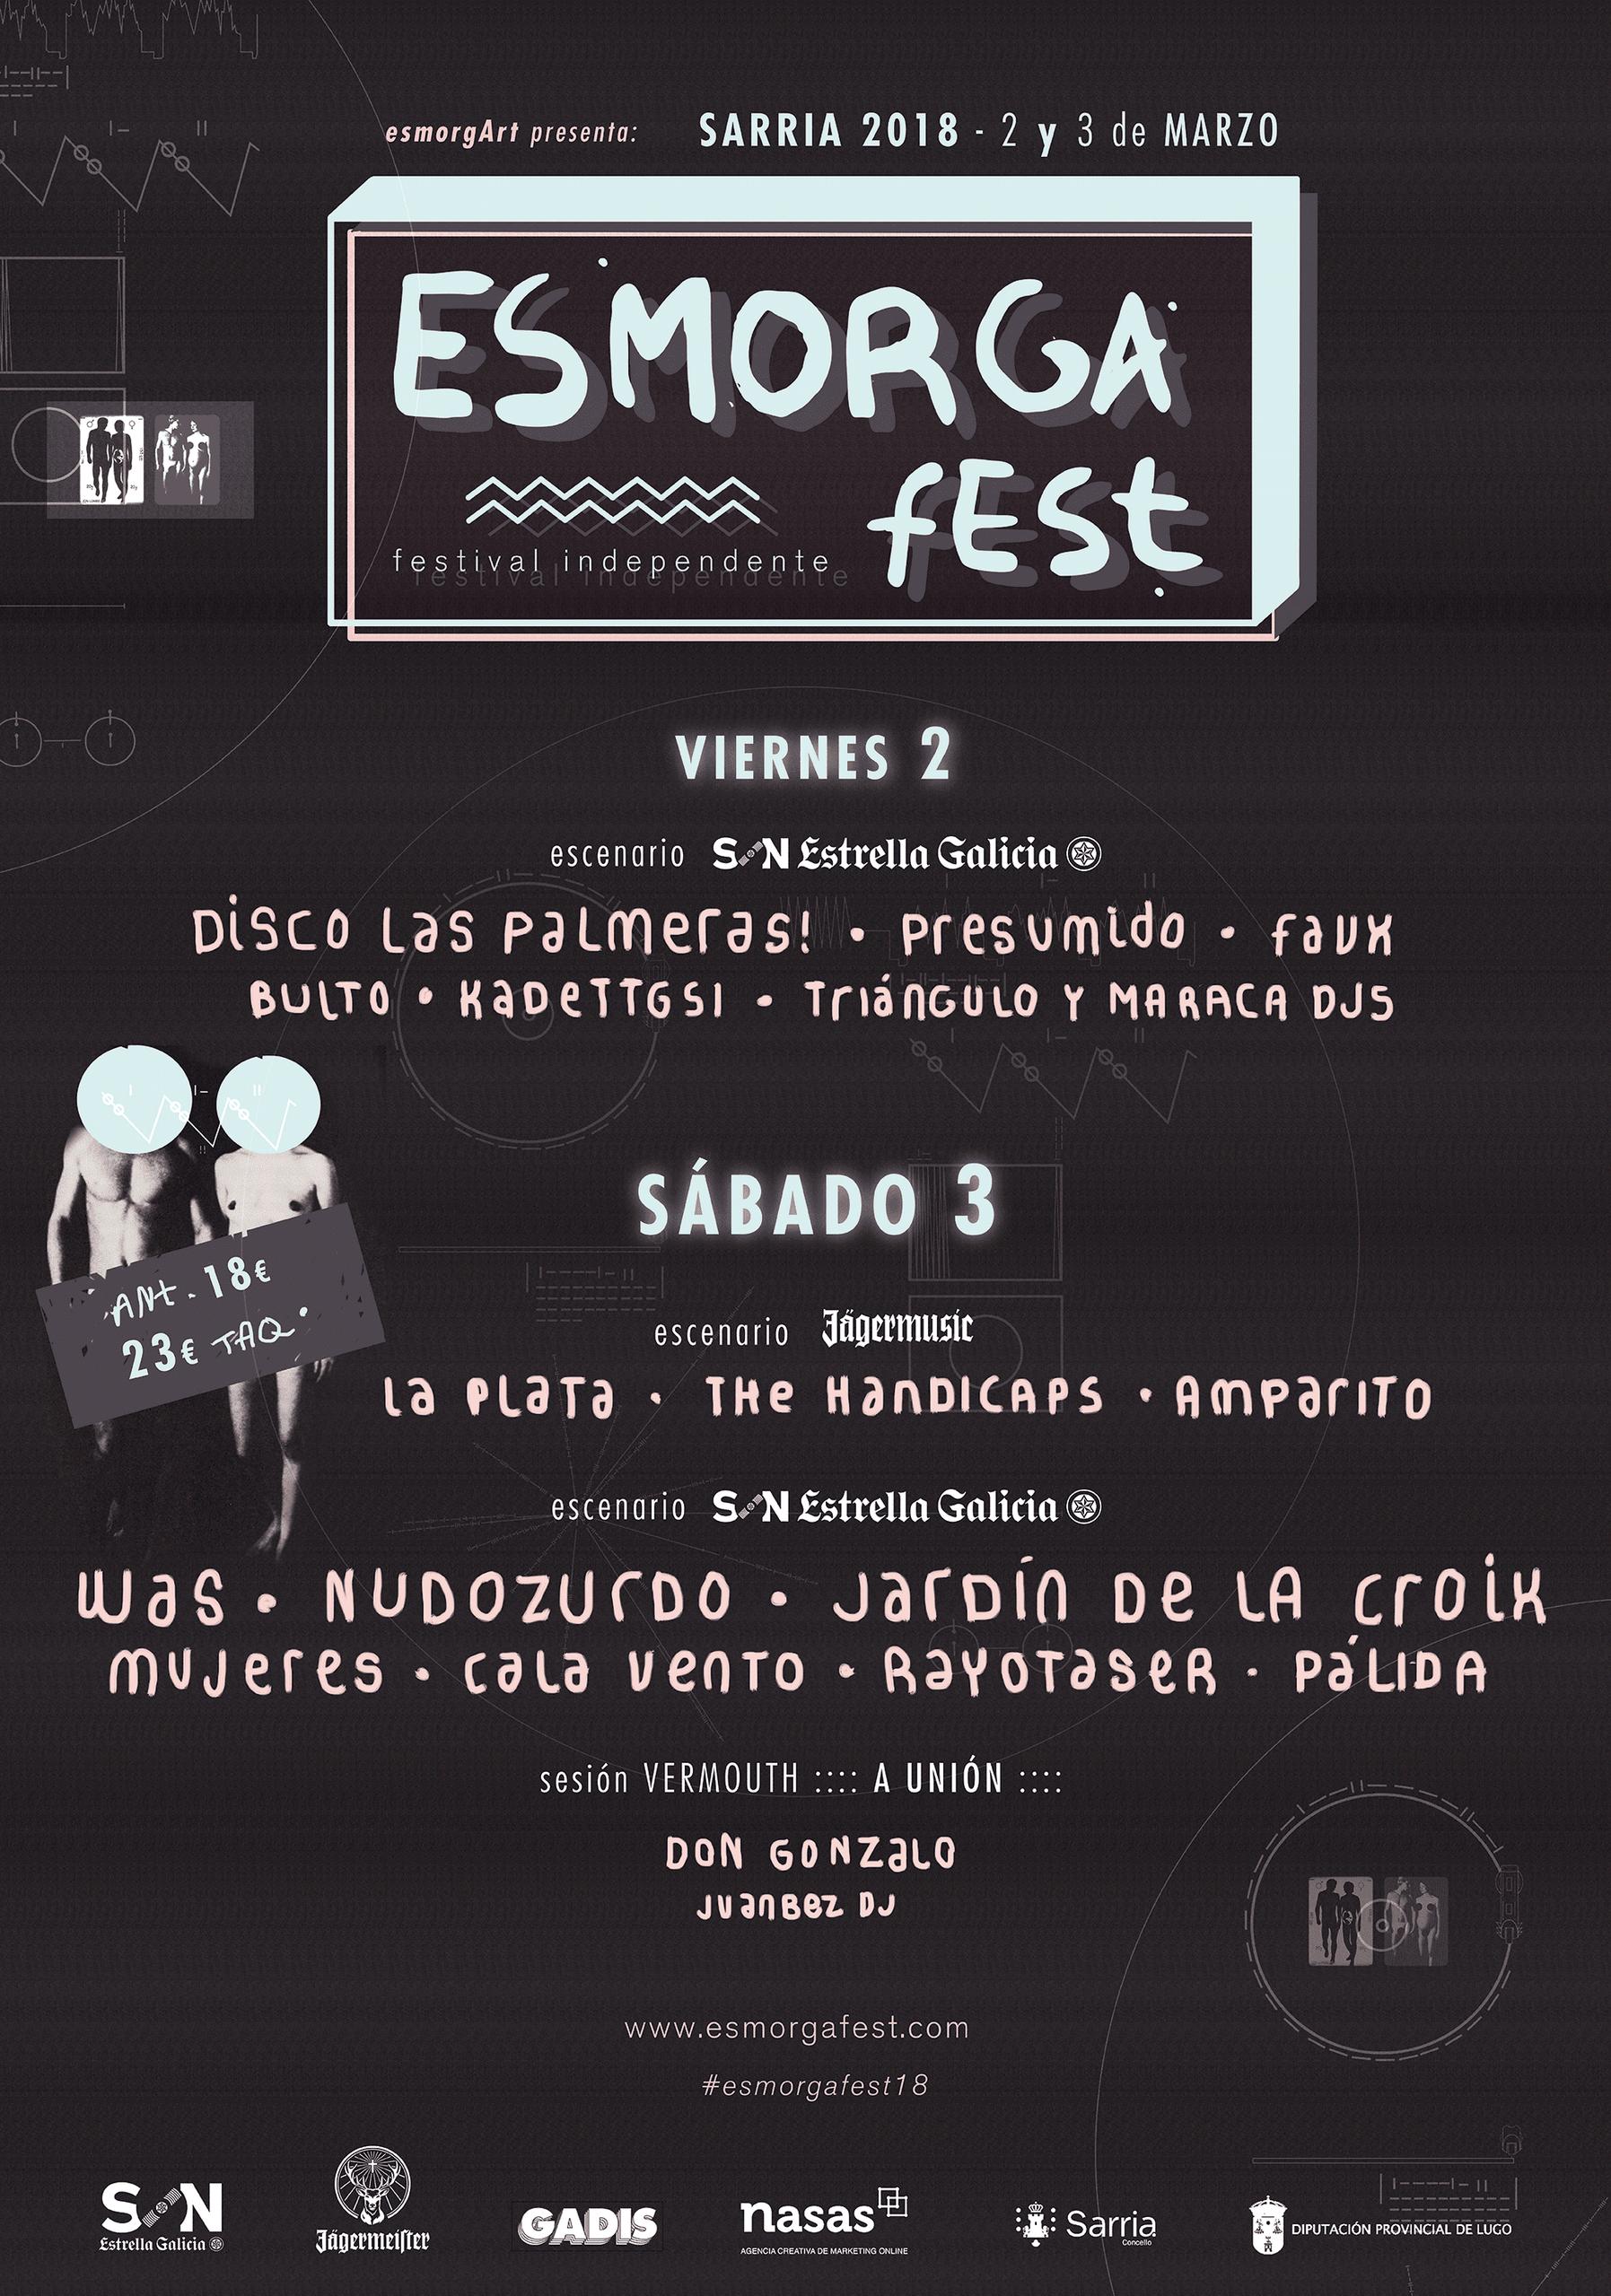 Cartel confirmaciones Esmorga Fest 2018